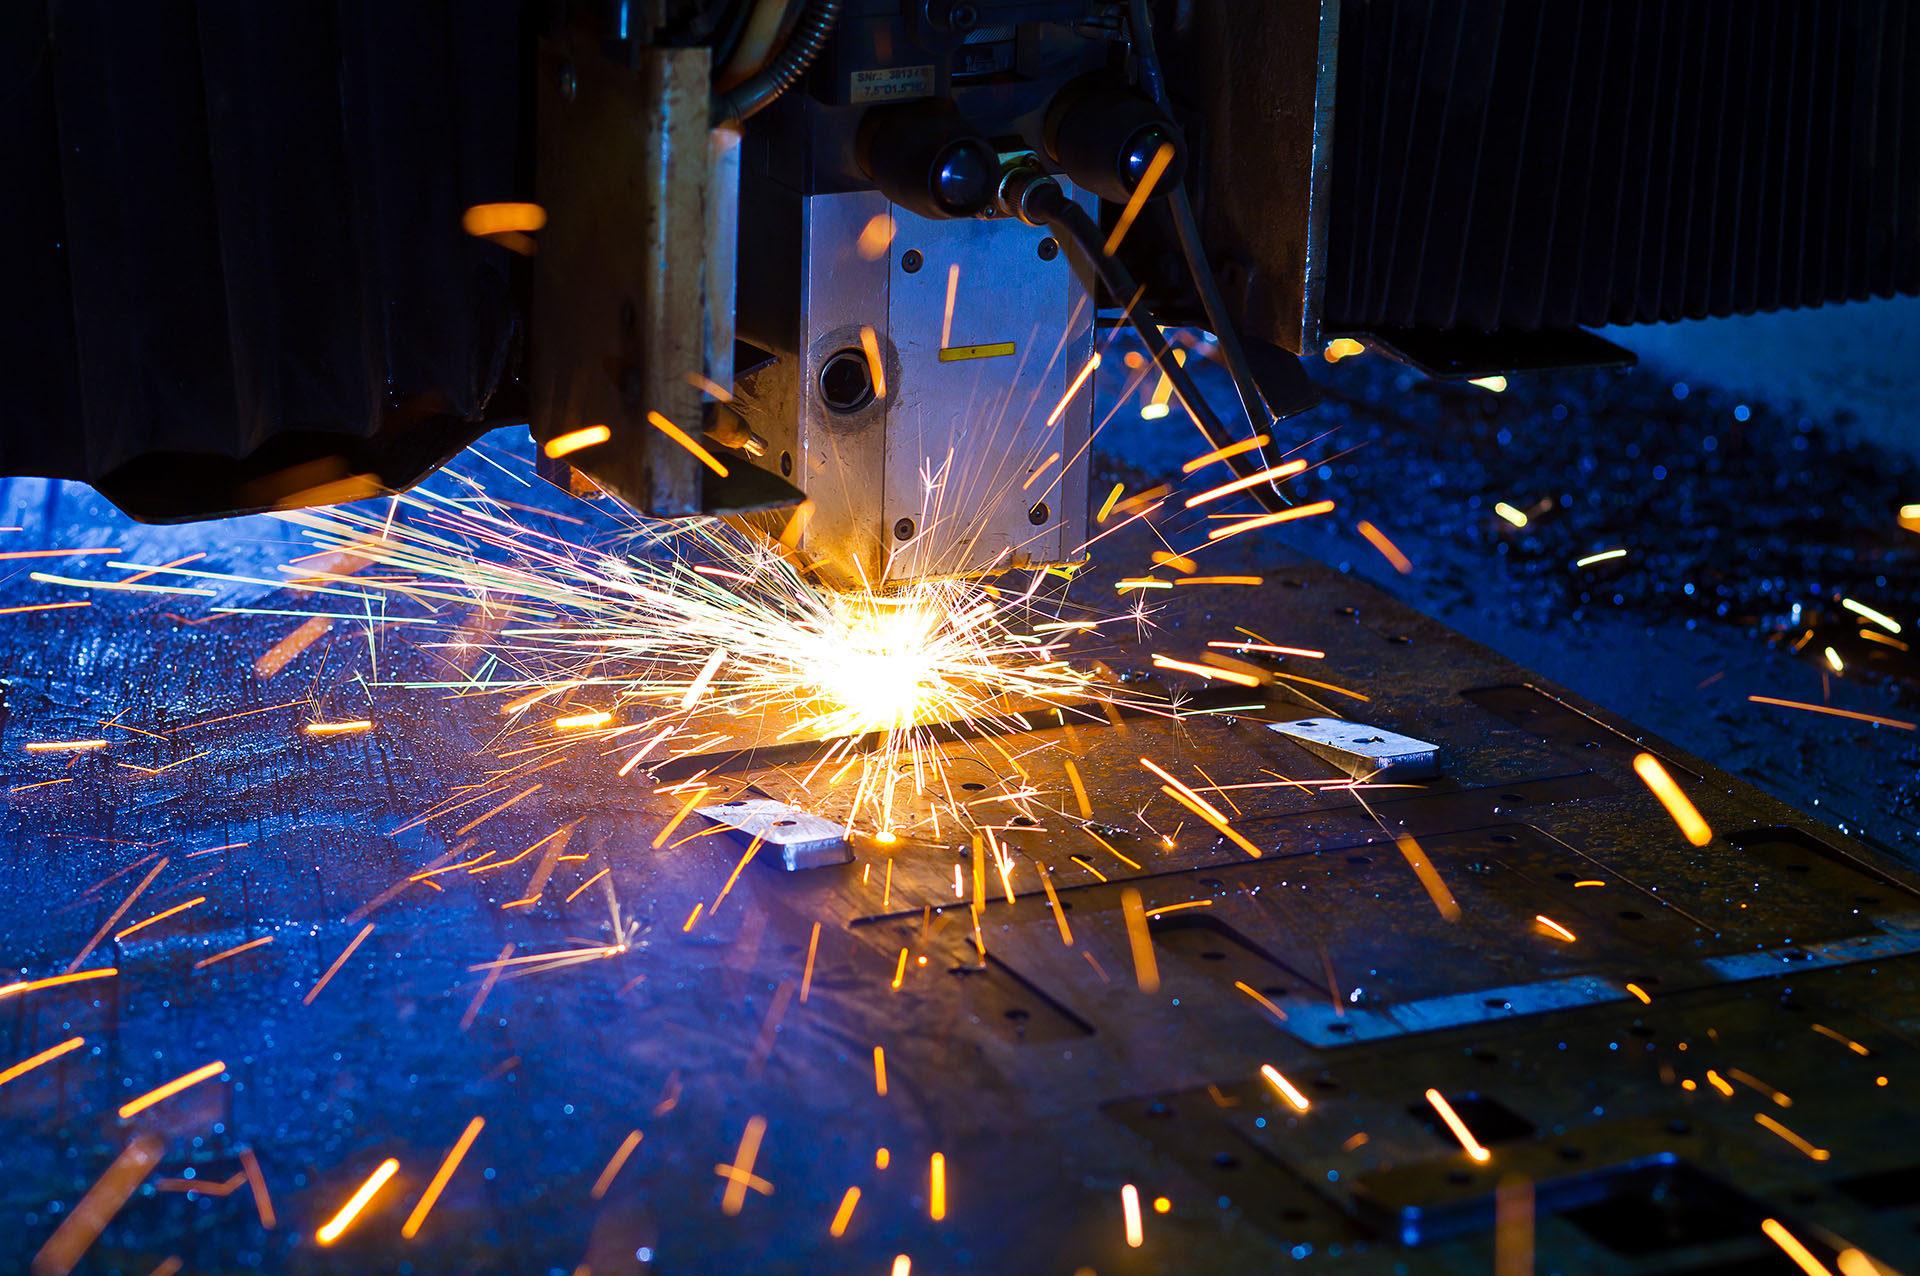 Laserové řezaní